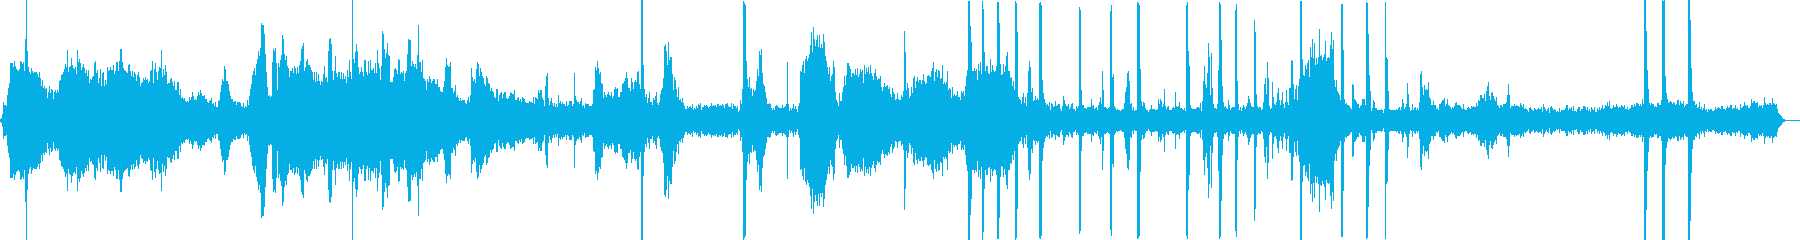 工場、工事現場の作業音Cの再生済みの波形